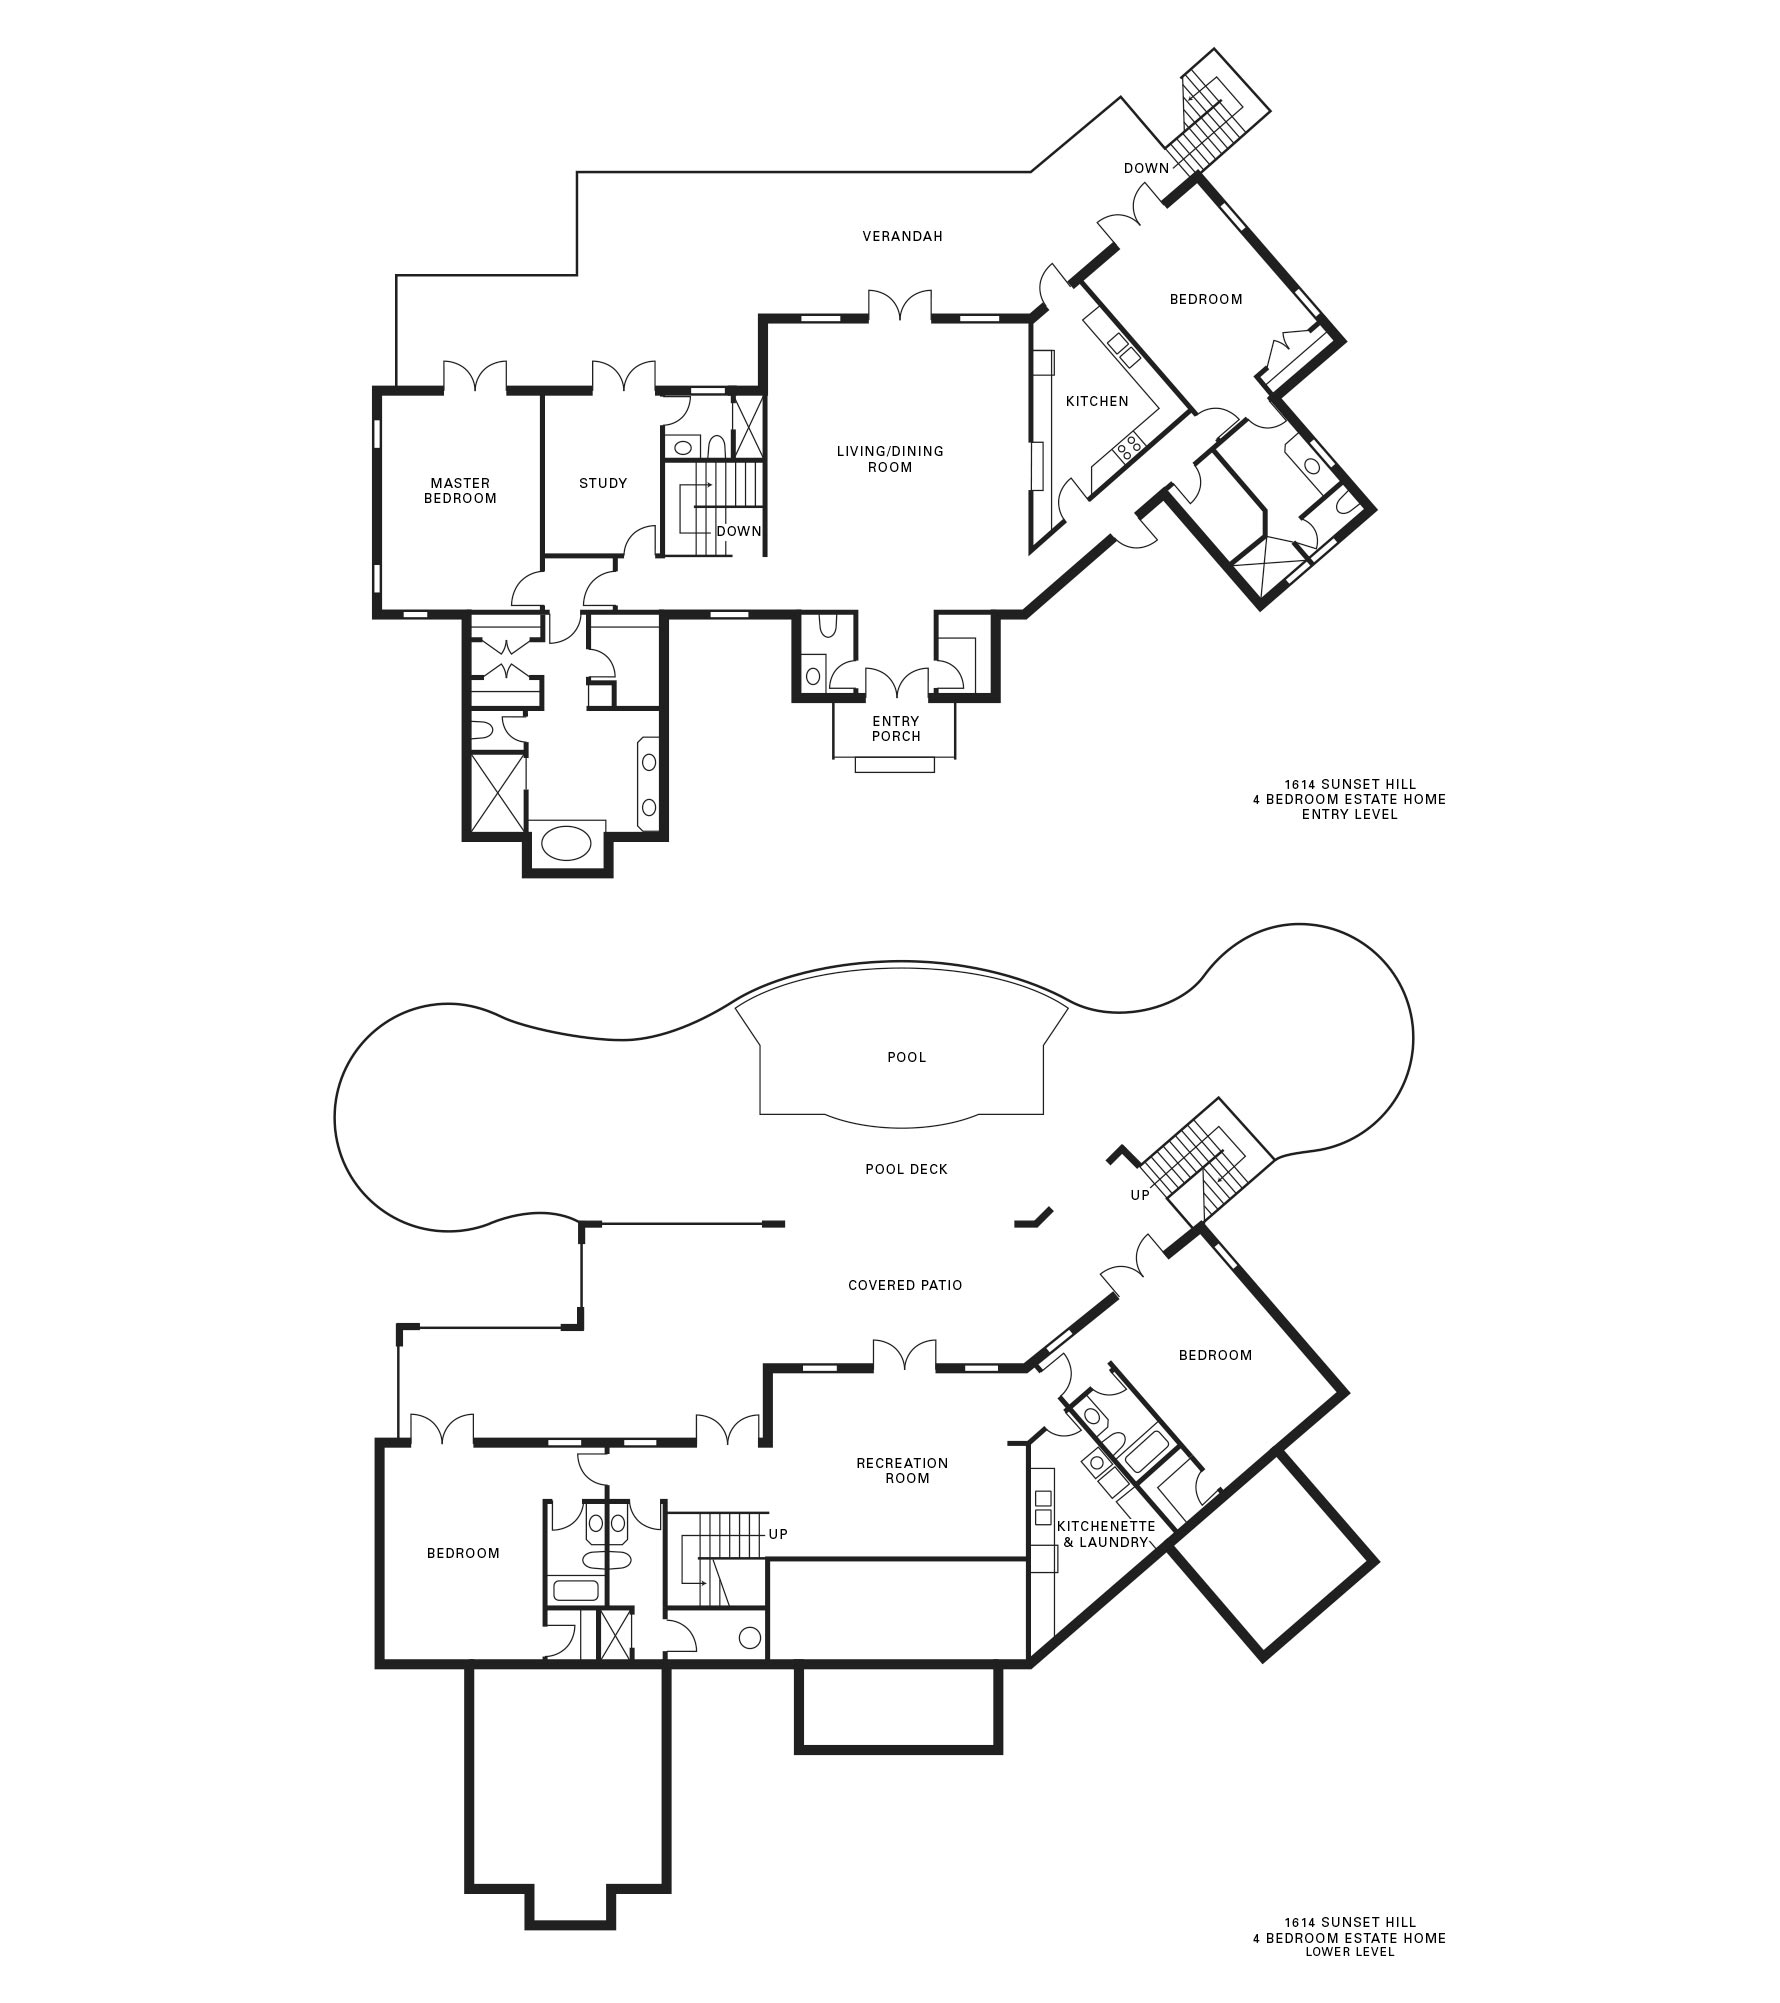 print-view of floorlan